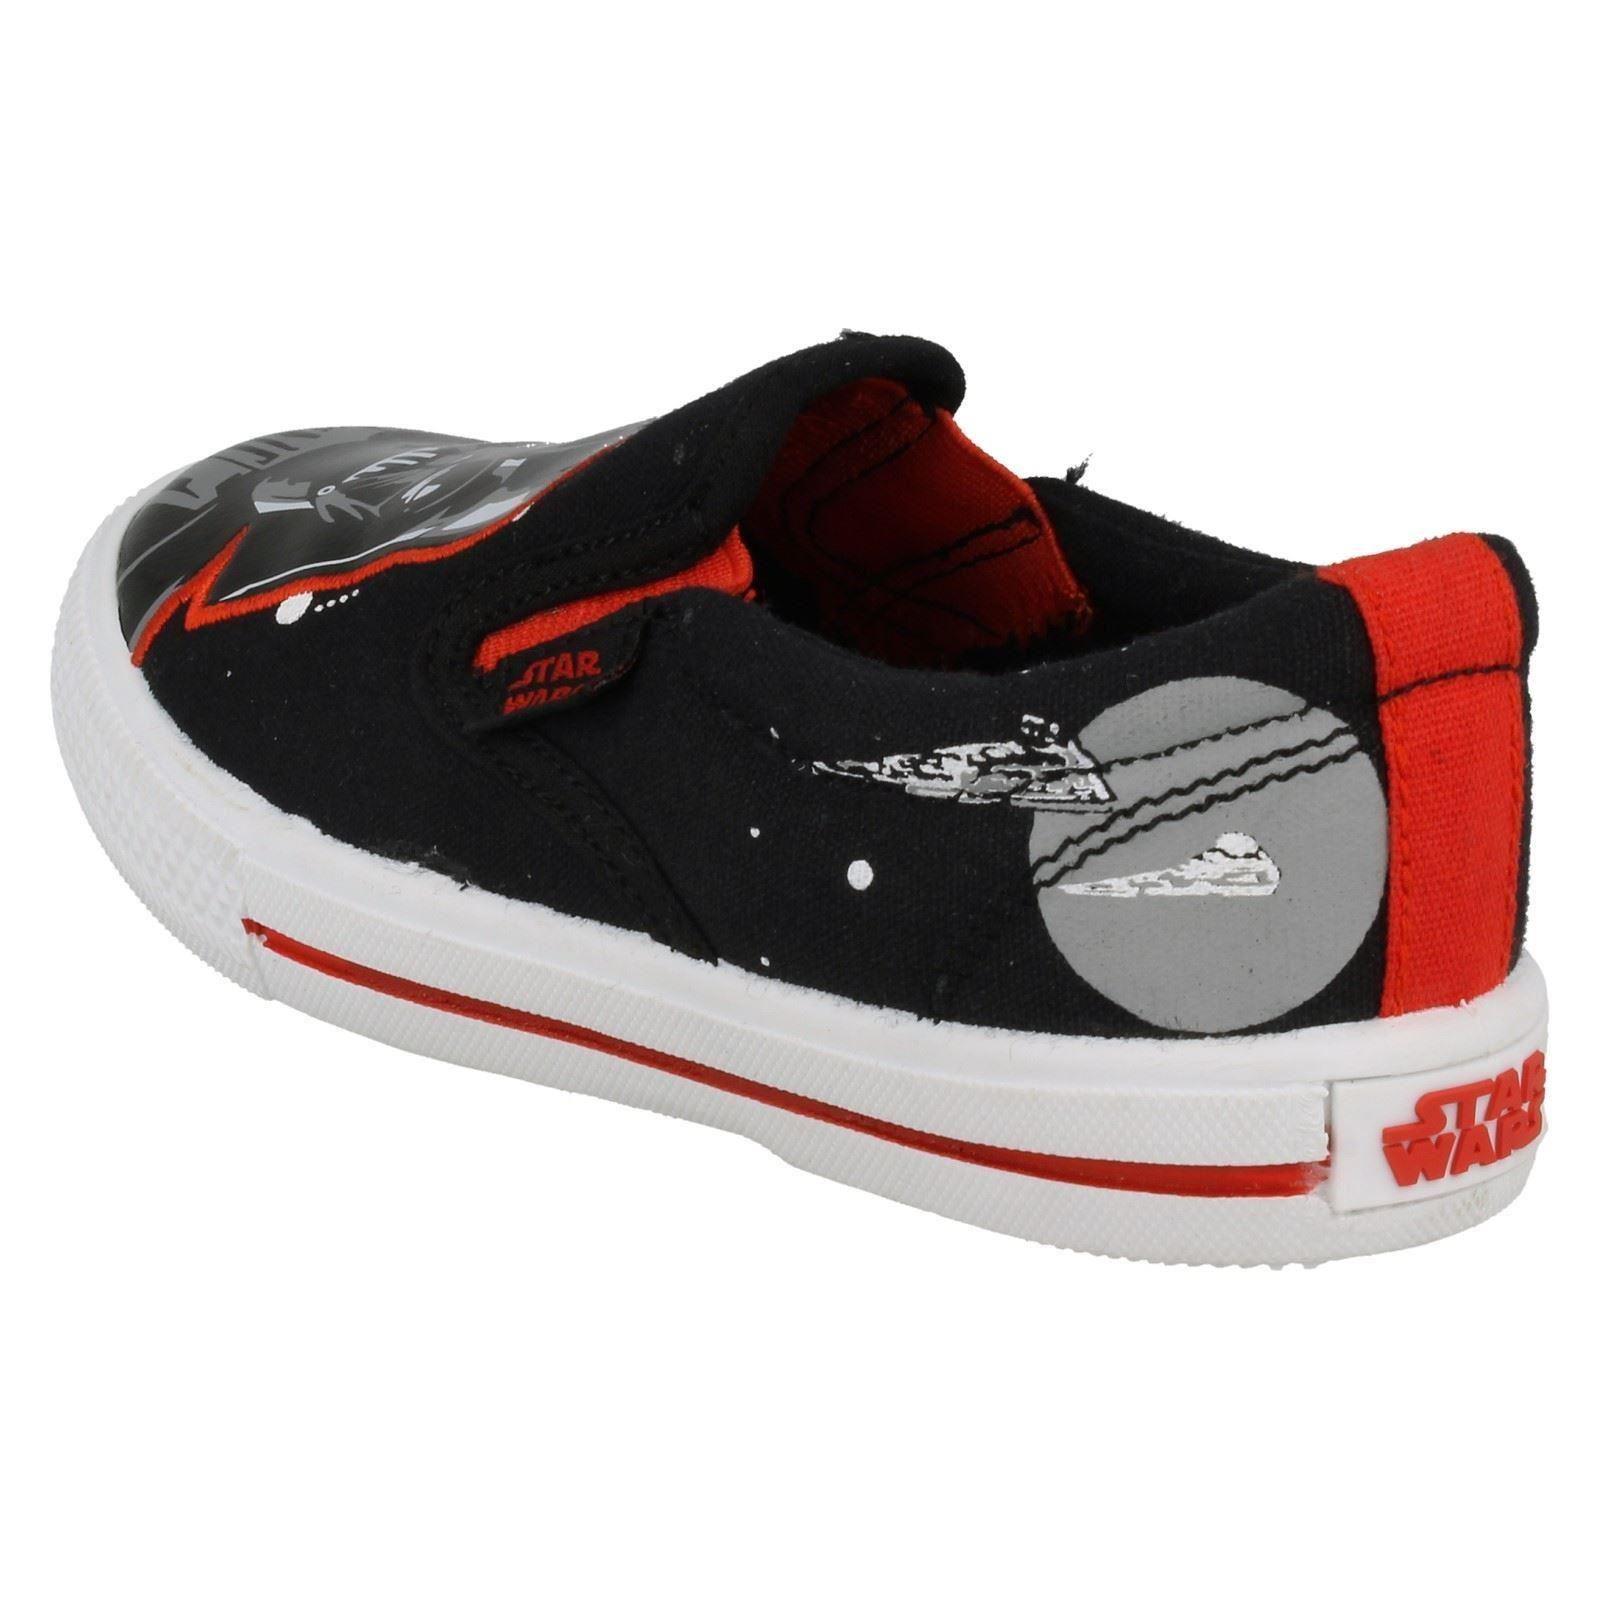 Chicos STAR WARS 'Earl' resbalón en el zapato de lona